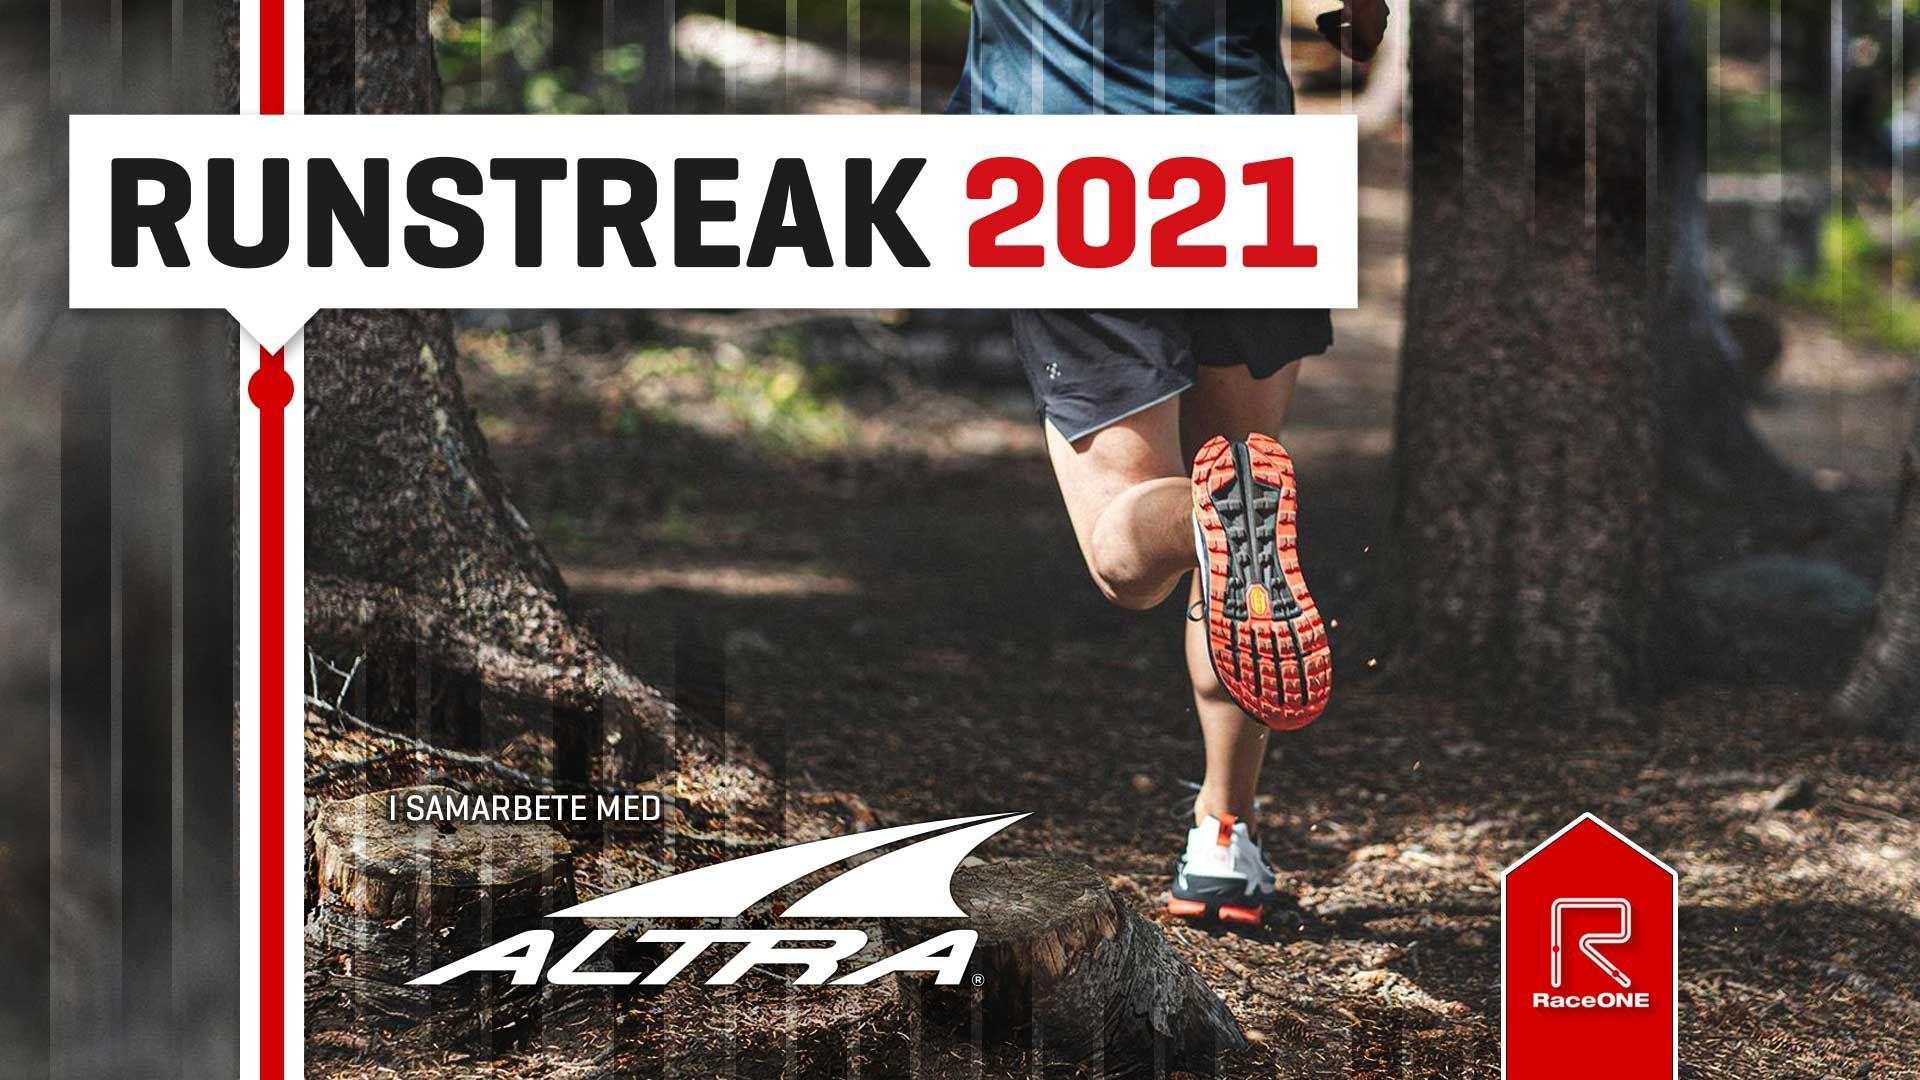 Altra Runstreak #7.22